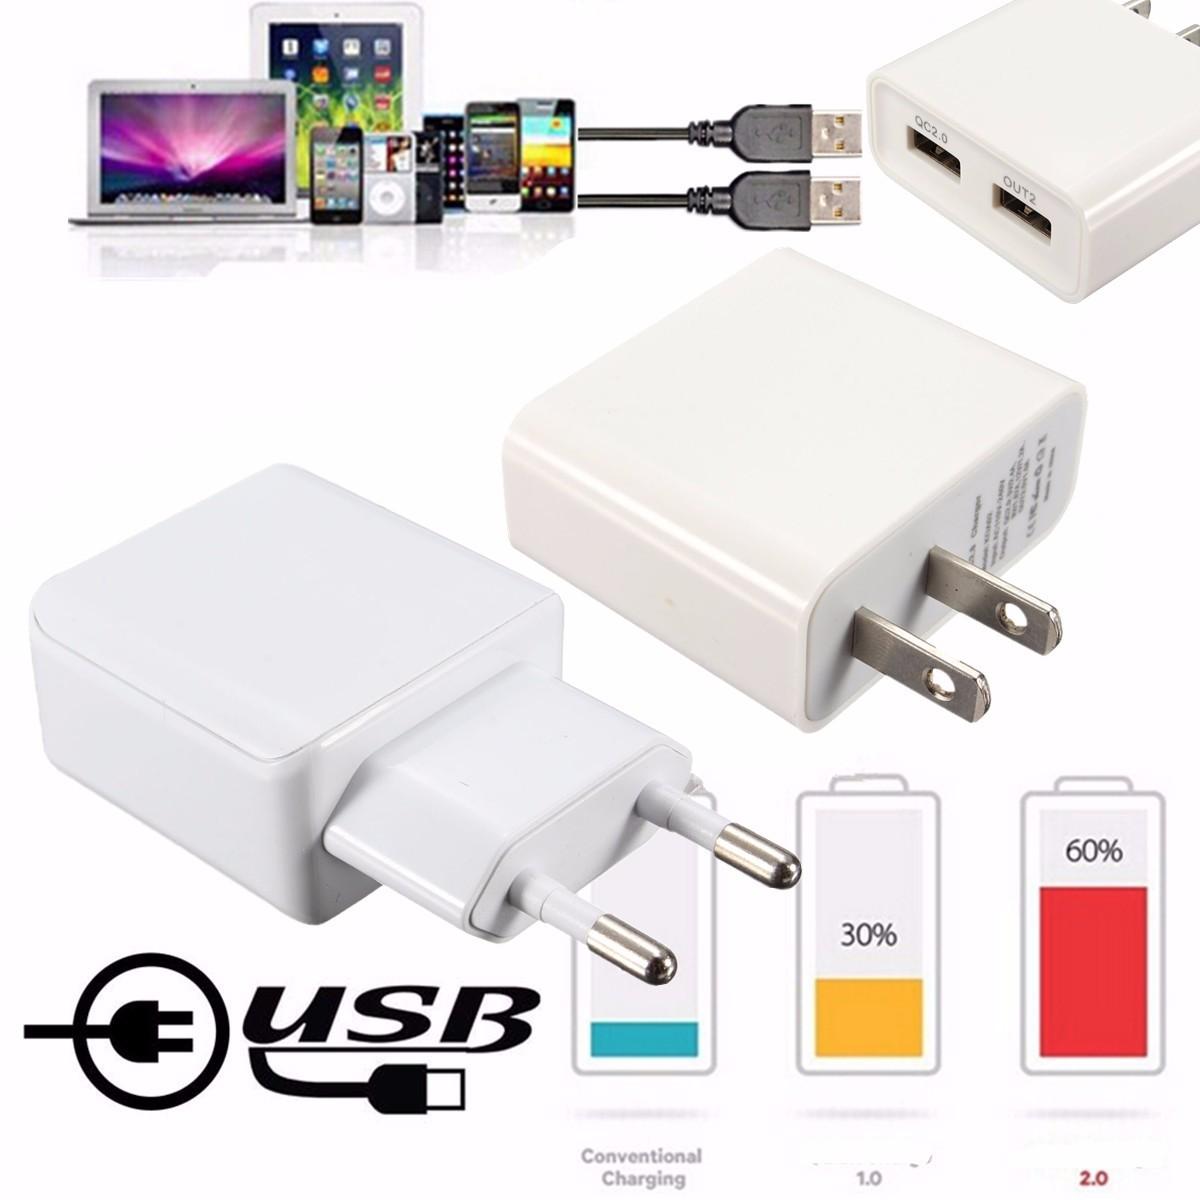 อุปกรณ์แปลงไฟแบบสากล Qualcomm QC2.0 USB 2 พอร์ตอุปกรณ์ชาร์จไฟสำหรับที่ชาร์จในสหรัฐอเมริกาและ EU